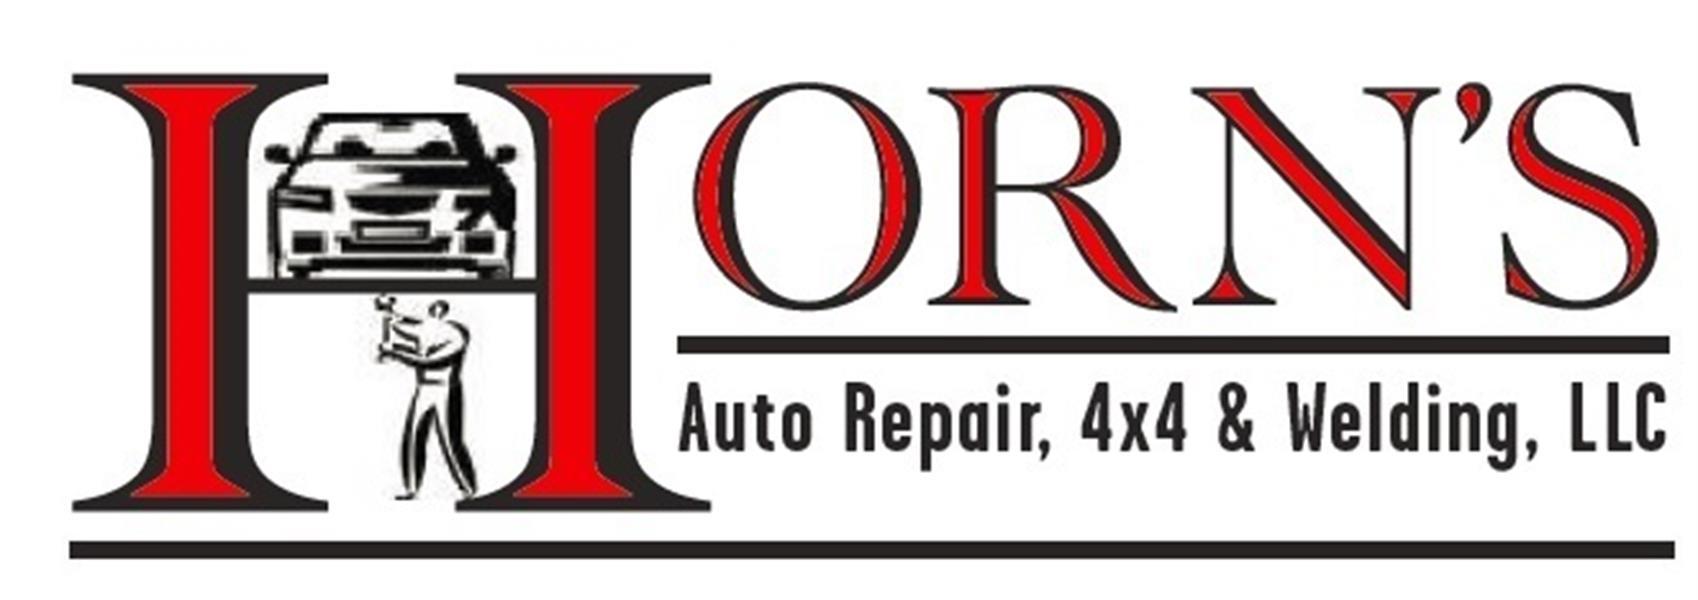 Horn's Auto Repair